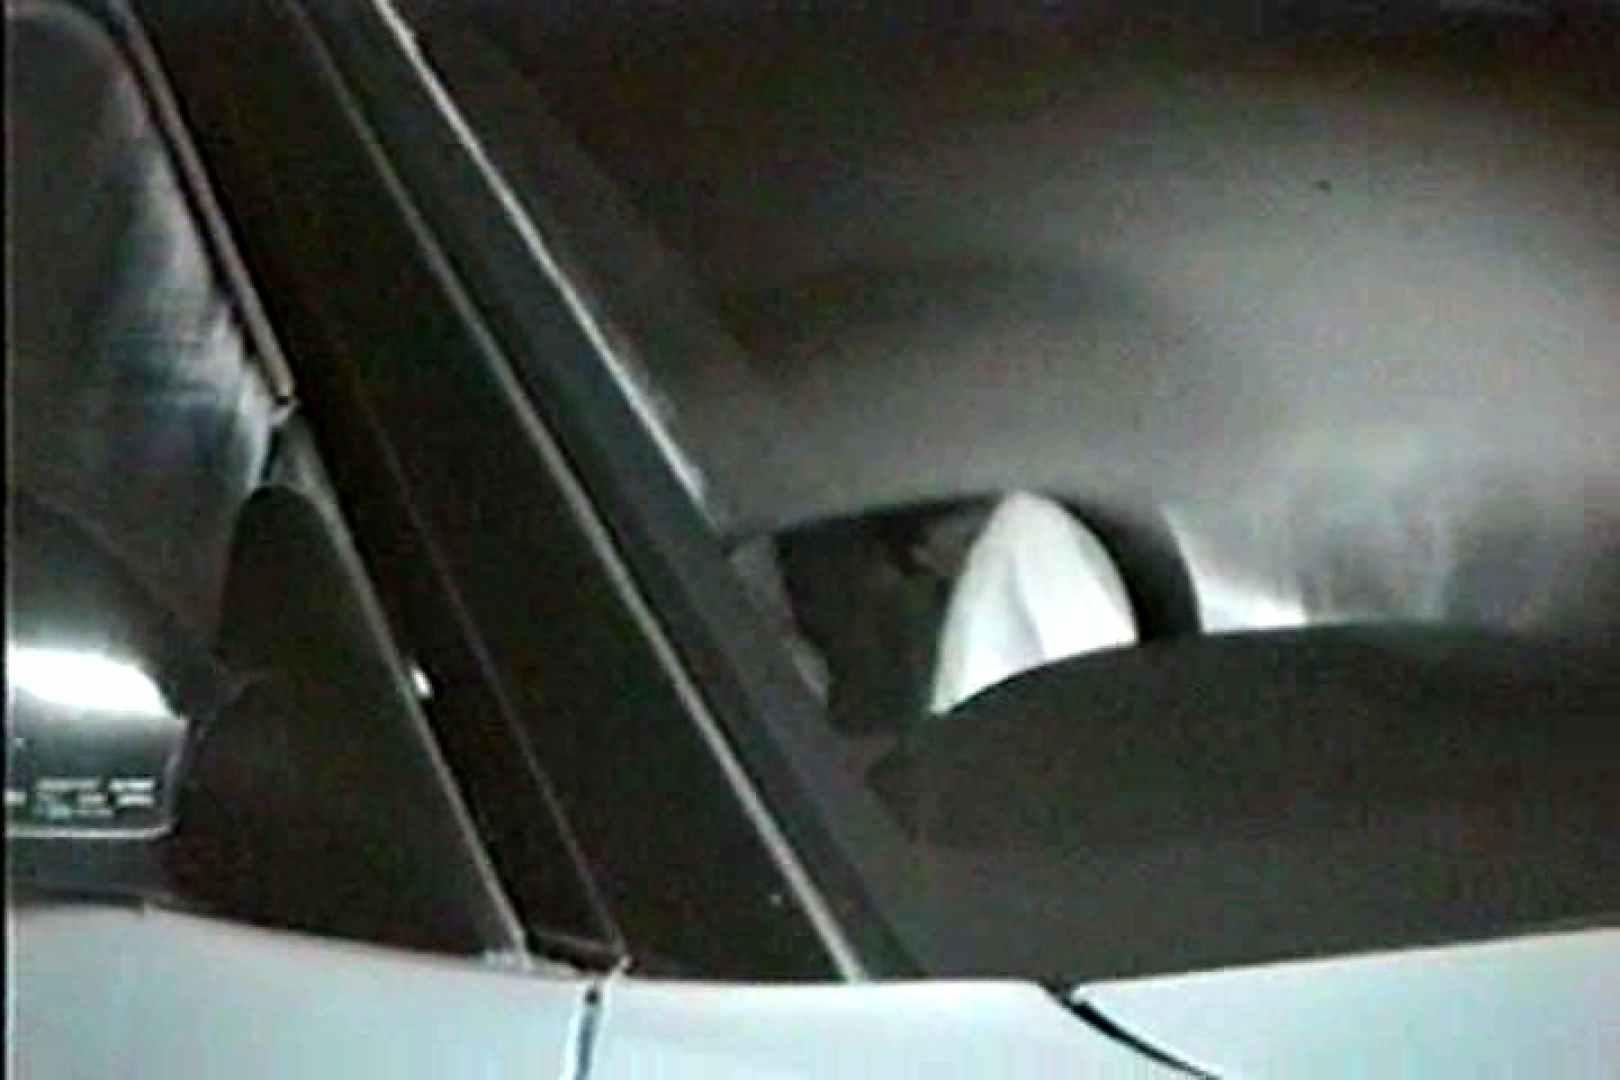 車の中はラブホテル 無修正版  Vol.8 ラブホテル 盗撮動画紹介 68連発 31